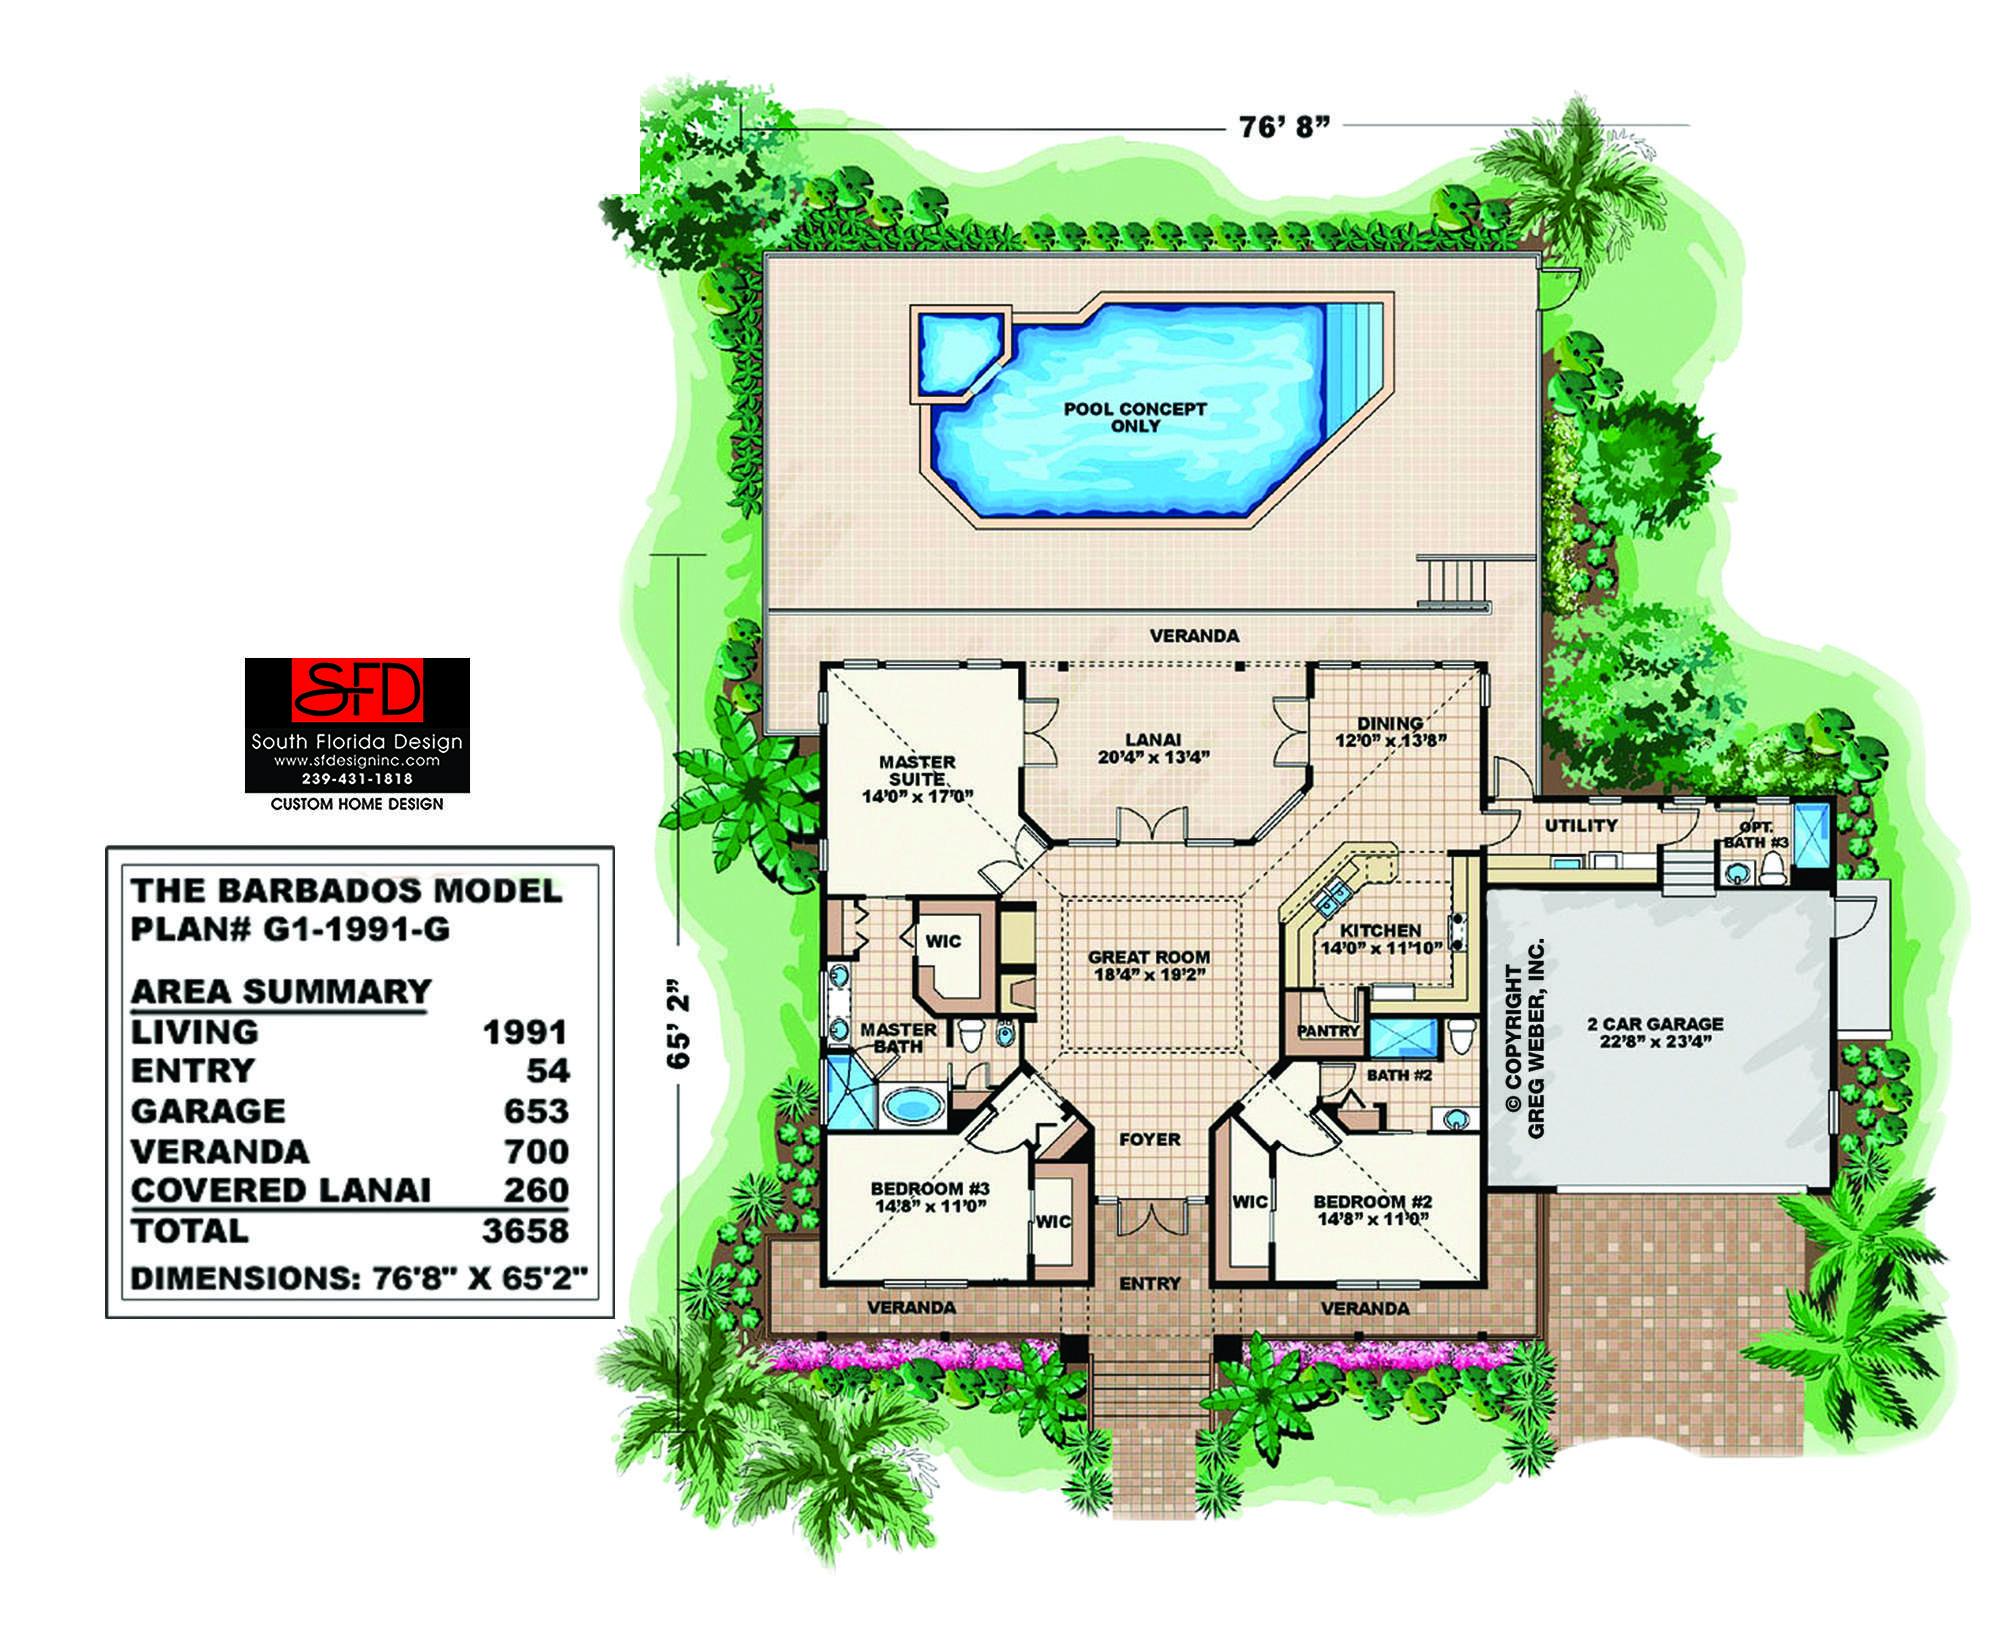 Barbados Coastal House Plan South Florida Design